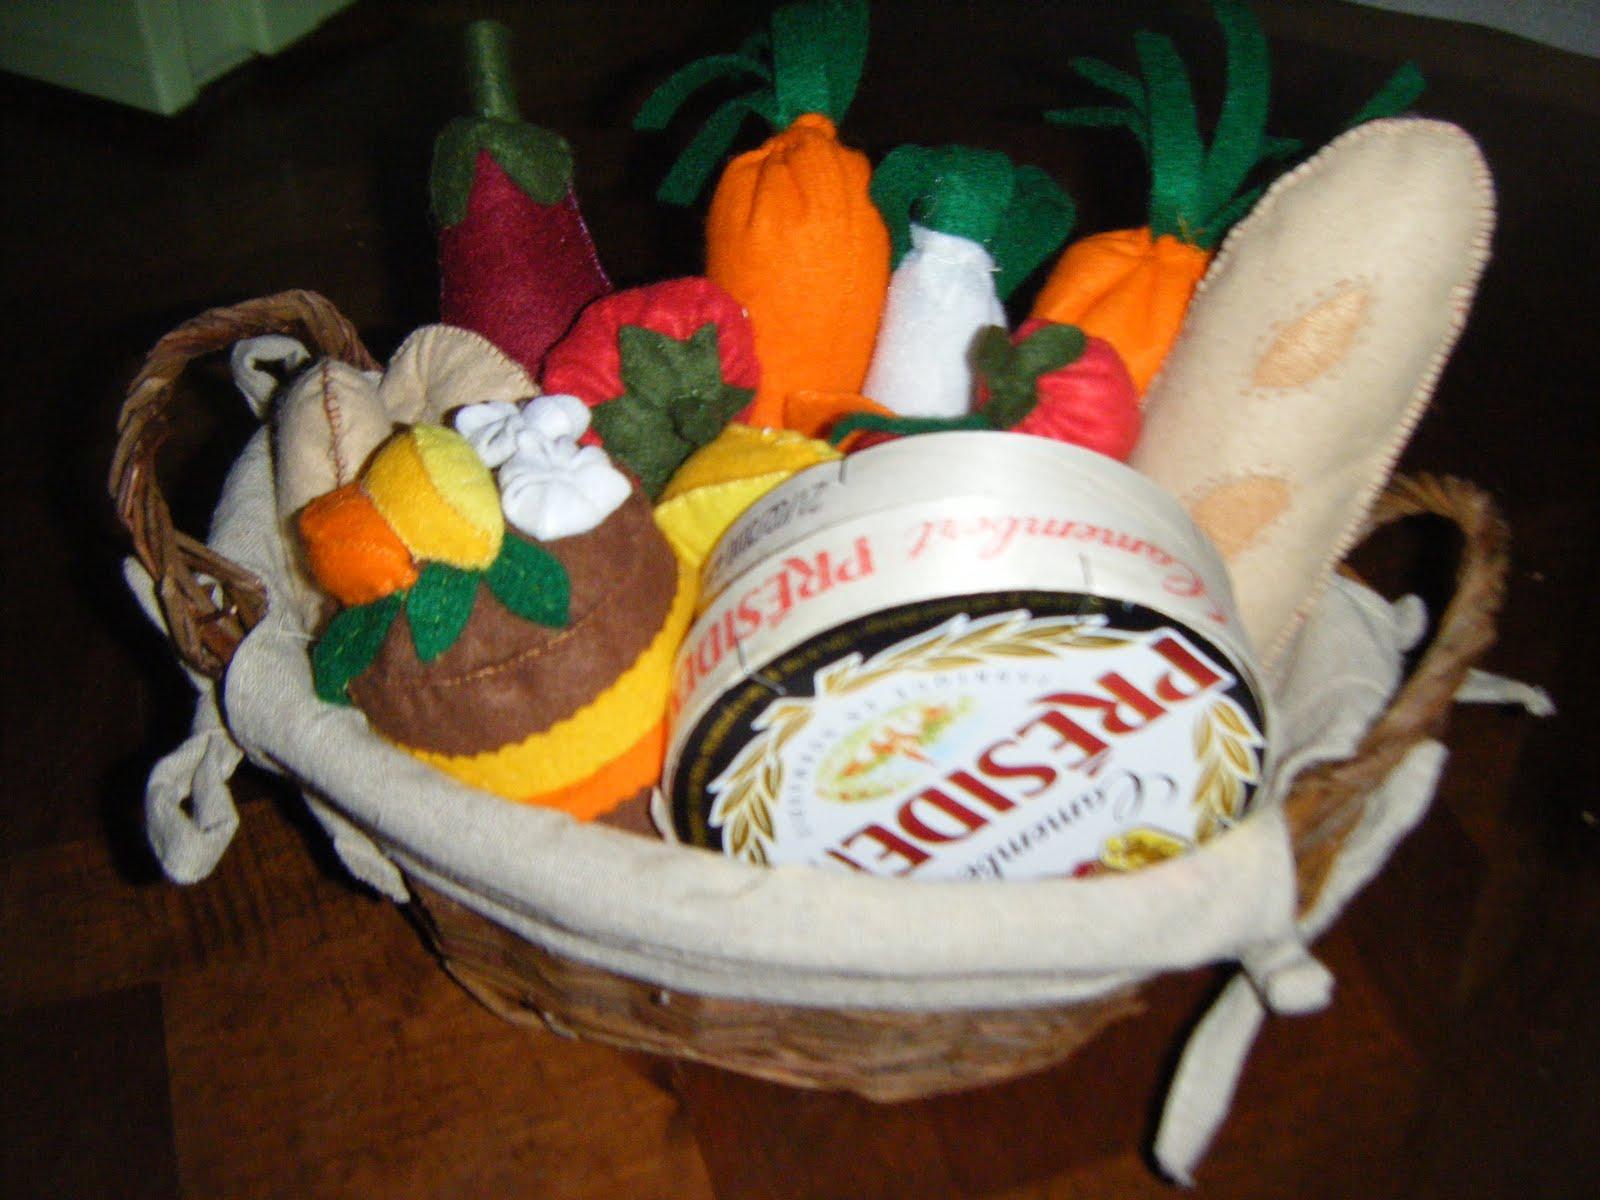 Caramelle et marabout dinette en feutrine - Petit cadeau de table pour noel ...